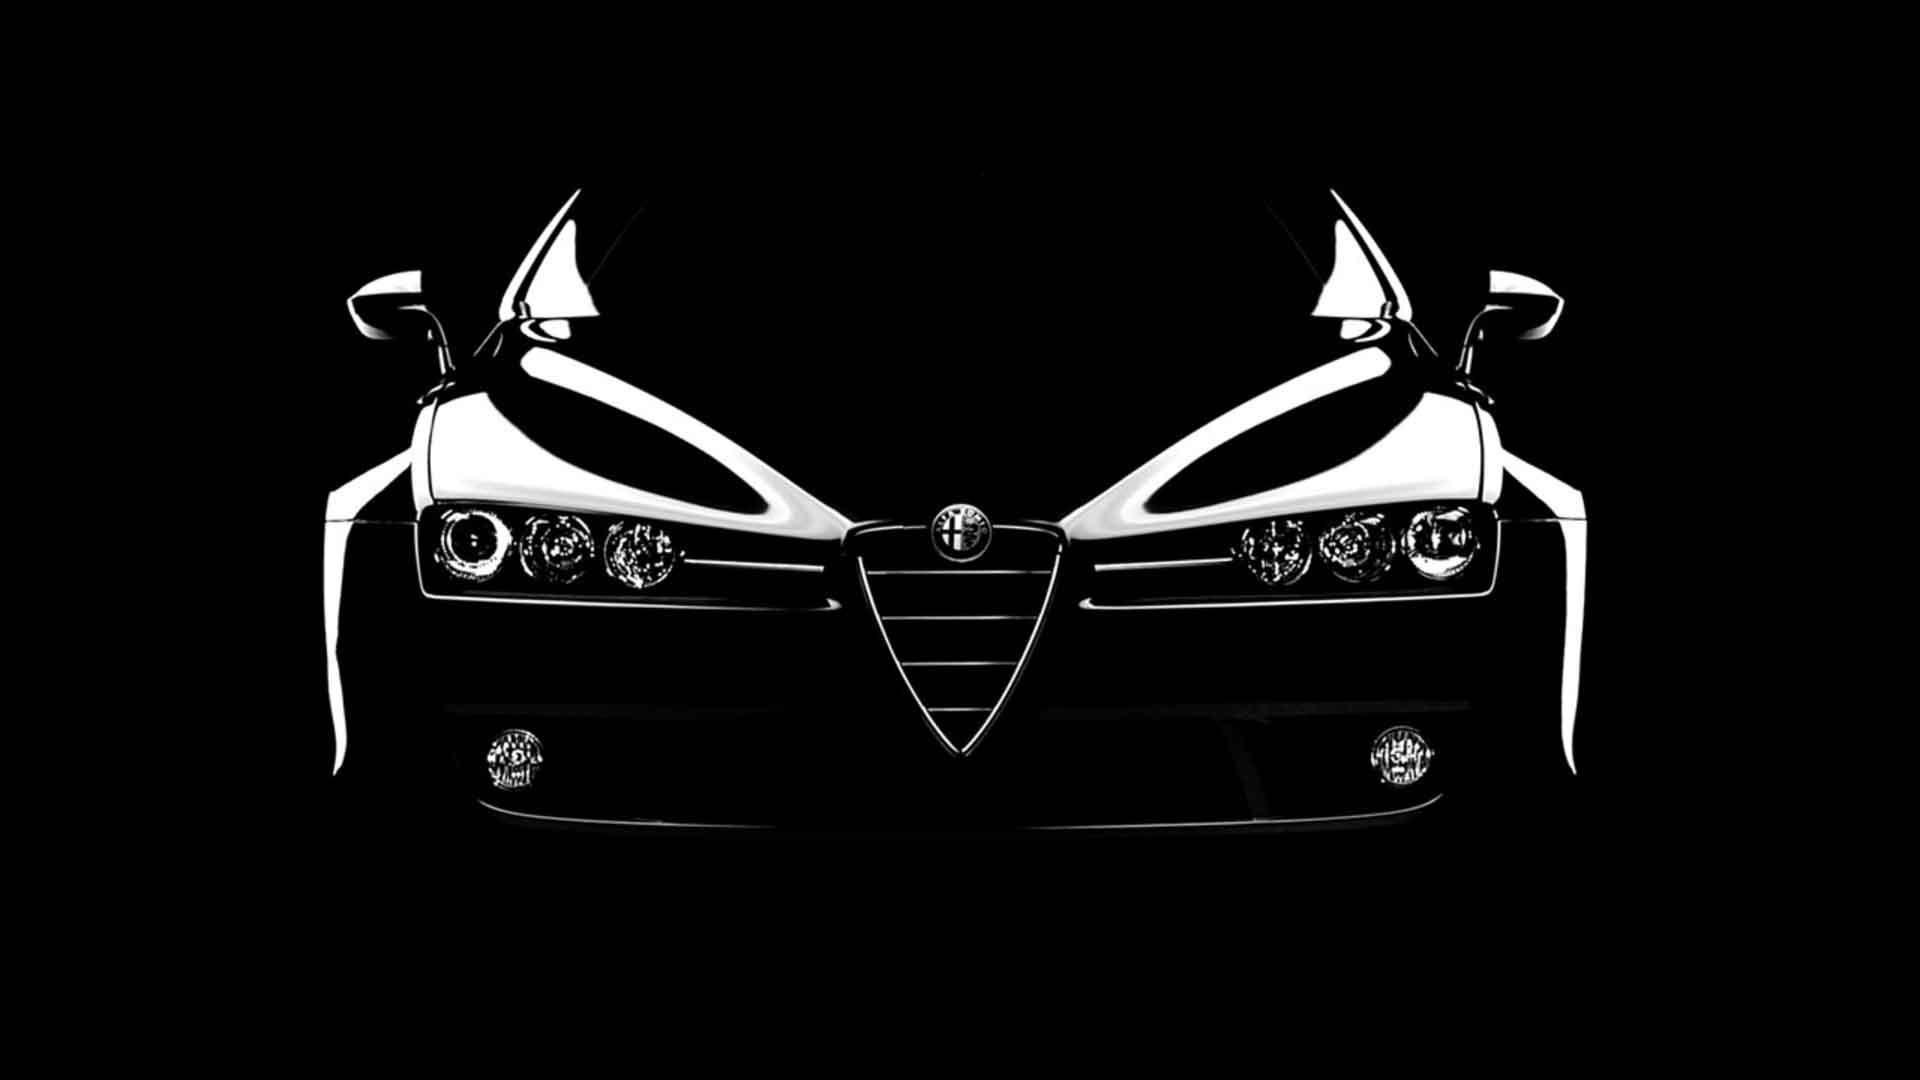 Alfa Romeo 159 Wallpapers 1920x1080 Iu33xn8 Alfa Romeo 159